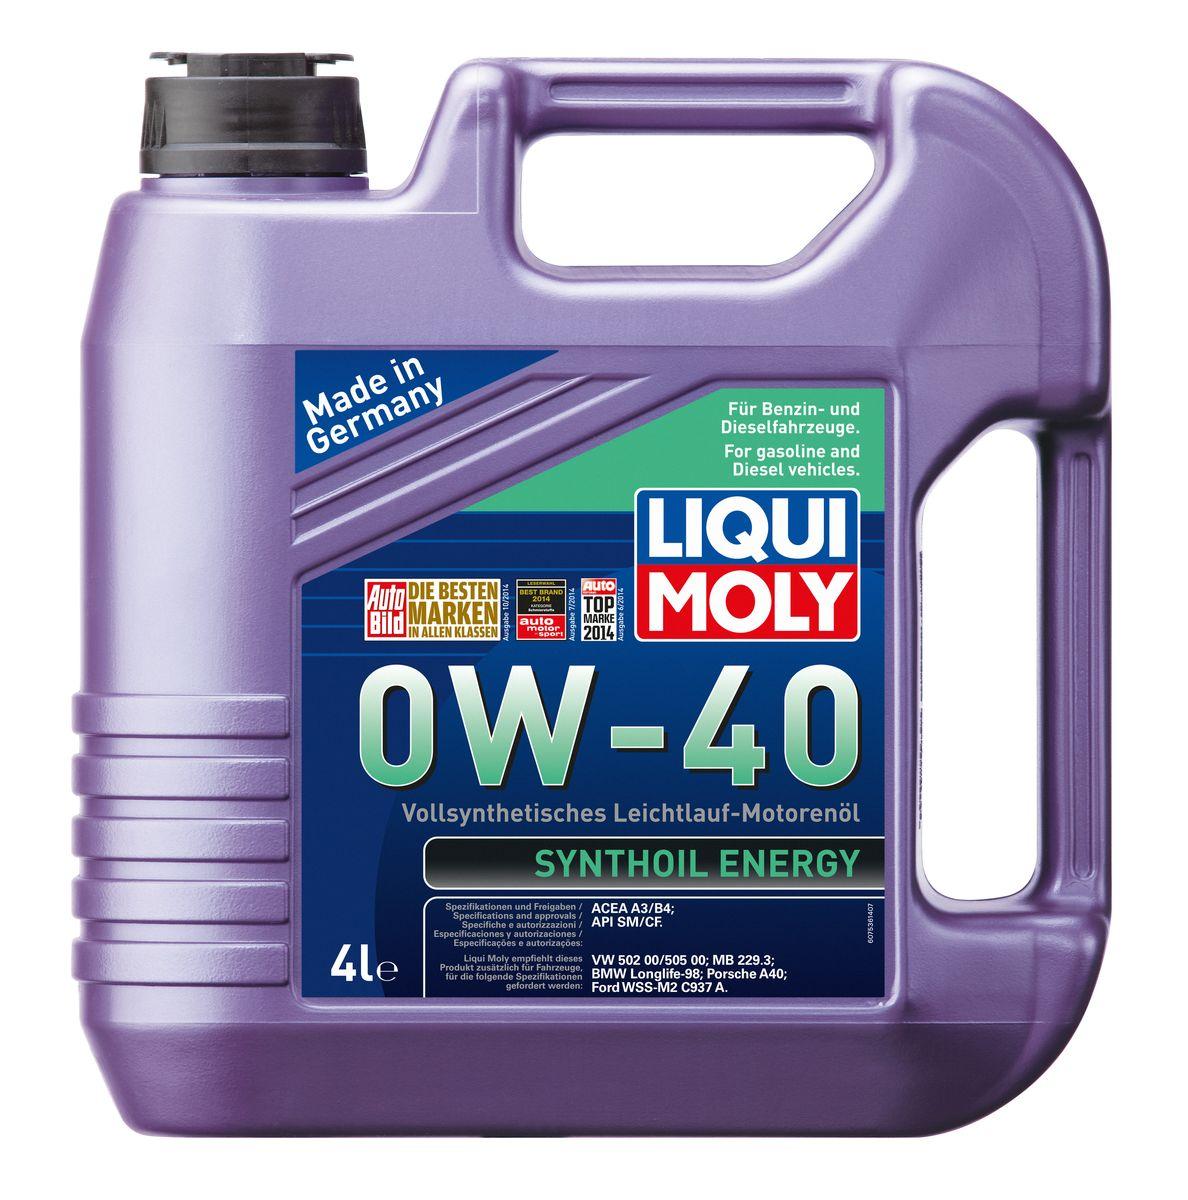 Масло моторное Liqui Moly Synthoil Energy, синтетическое, 0W-40, 4 л6280LKМасло моторное Liqui Moly Synthoil Energy - 100% синтетическое универсальное моторное масло на базе полиальфаолефинов (ПАО) для большинства автомобилей, для которых требования к маслам опираются на международные классификации API и ACEA. Класс вязкости 0W-40 моторного масла на ПАО-базе оптимален для эксплуатации в холодных условиях, обеспечивая уверенный пуск двигателя даже в сильный мороз и высокий уровень защиты. Использование современных полностью синтетических базовых масел (ПАО) и передовых технологий в области разработок присадок гарантирует низкую вязкость масла при низких температурах, высокую надежность масляной пленки. Моторные масла линейки Synthoil предотвращают образование отложений в двигателе, снижают трение и надежно защищают от износа. Особенности: - Отличные пусковые свойства в мороз- Быстрое поступление масла ко всем деталям двигателя при низких температурах- Высокая смазывающая способность- Замечательная термоокислительная стабильность и устойчивость к старению- Оптимальная чистота двигателя- Протестировано и совместимо с катализаторами и турбонаддувом- Высокая стабильность при высоких температурах- Очень низкий расход маслаДопуск: -API: CF/SM-ACEA: A3/B4